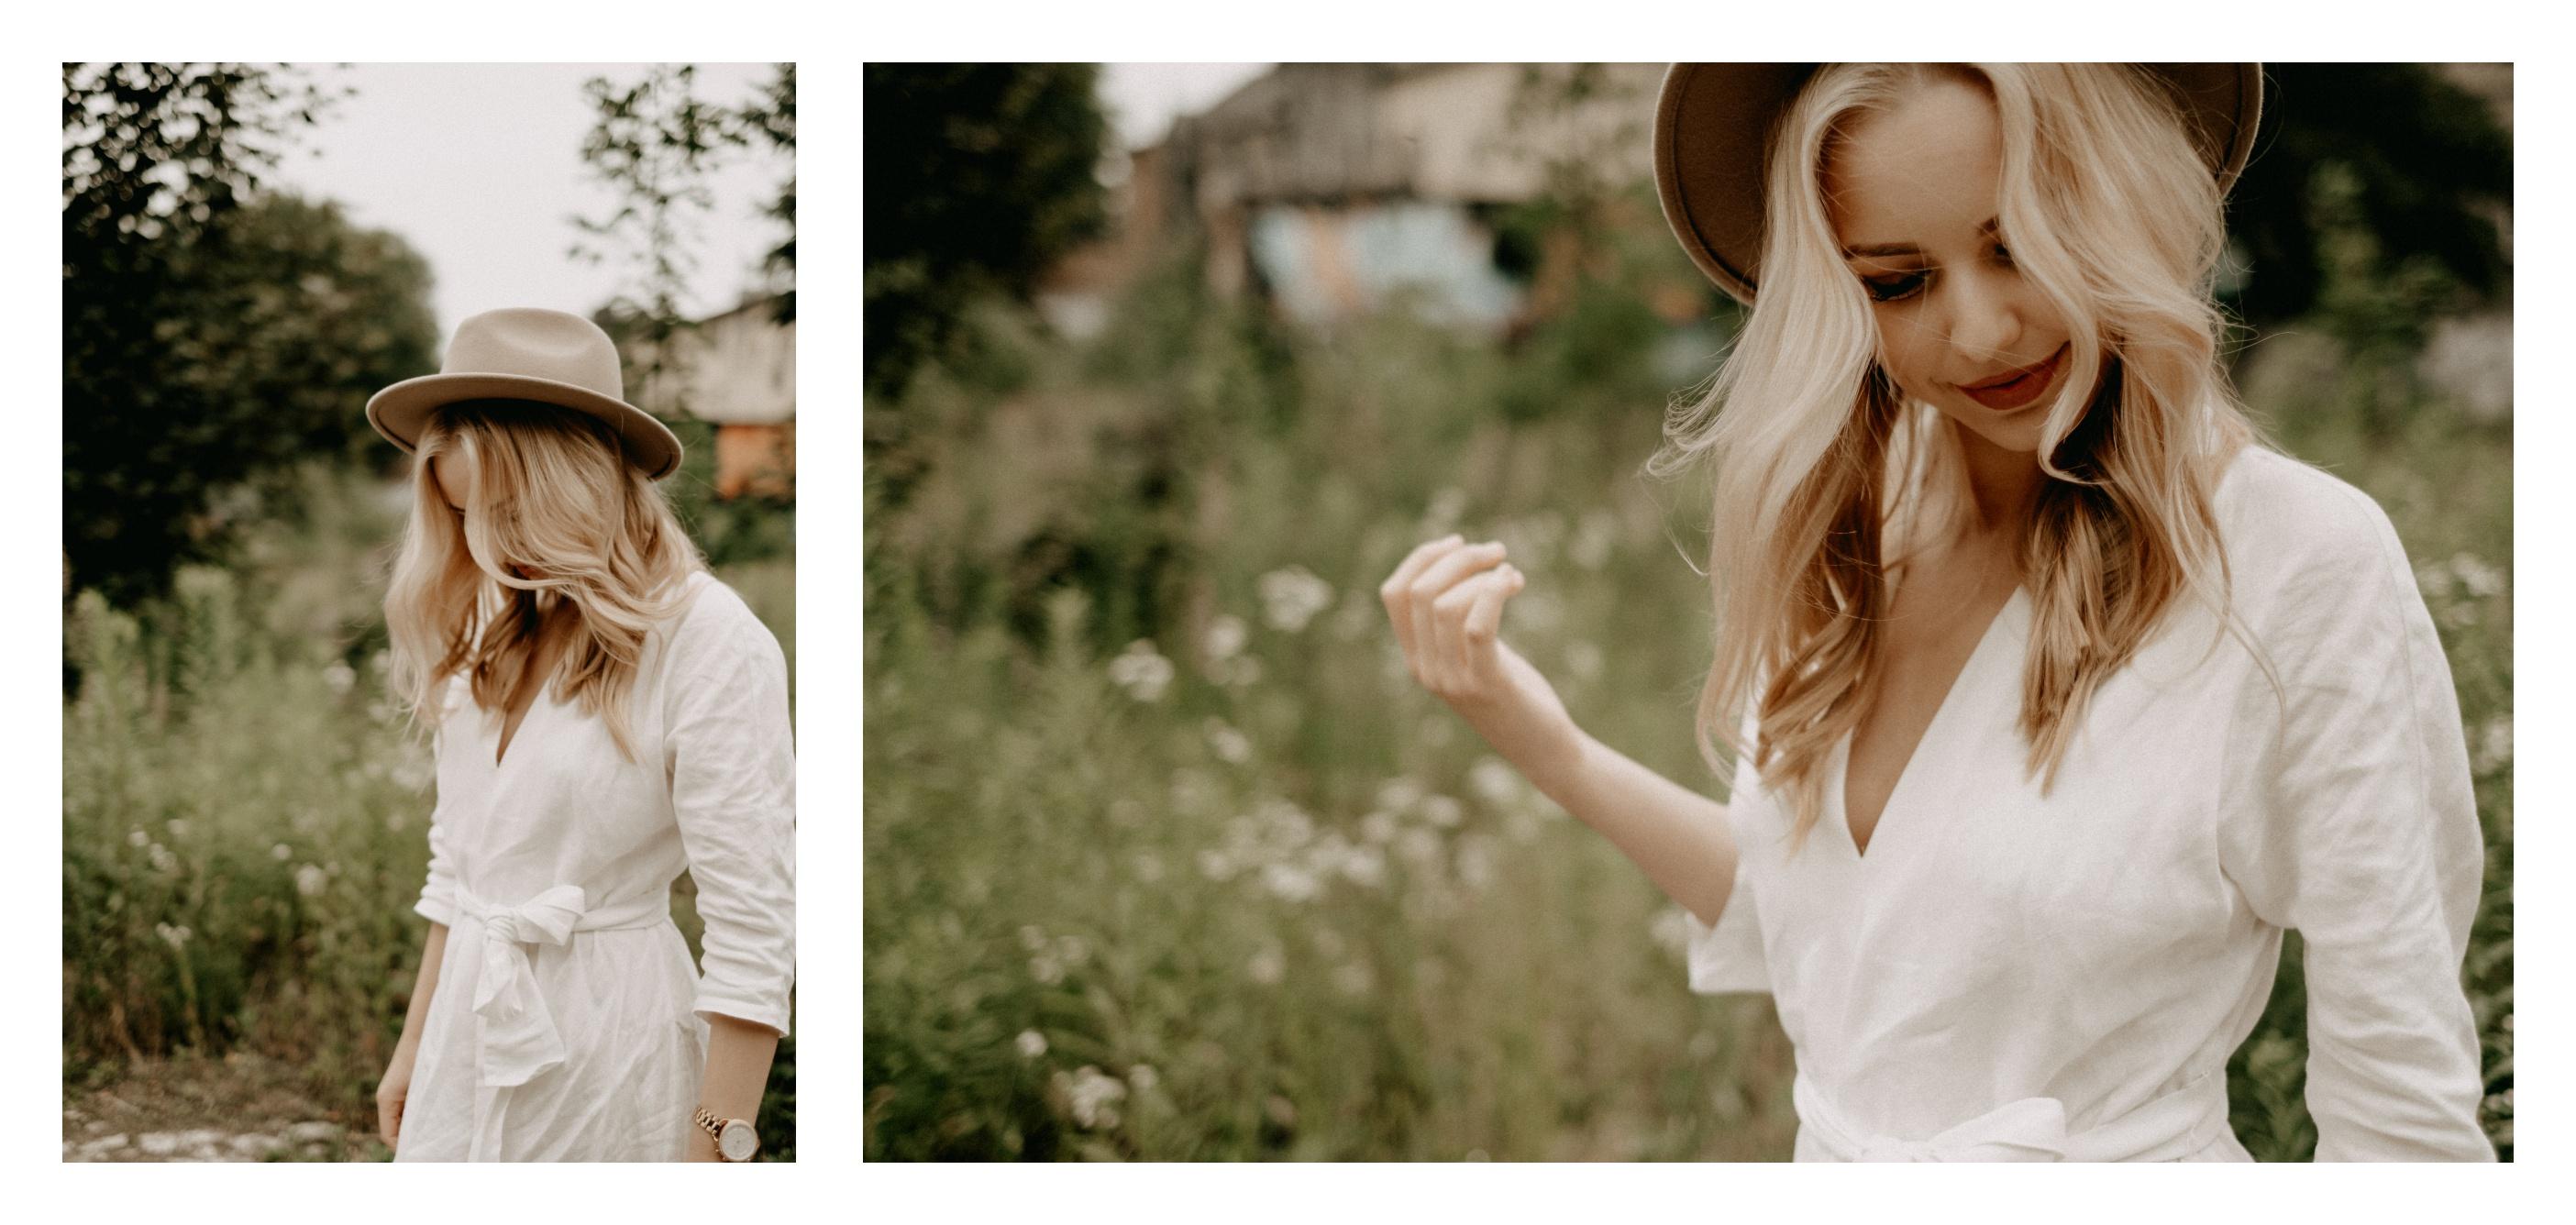 katowice, biała sukienka, włosy blond